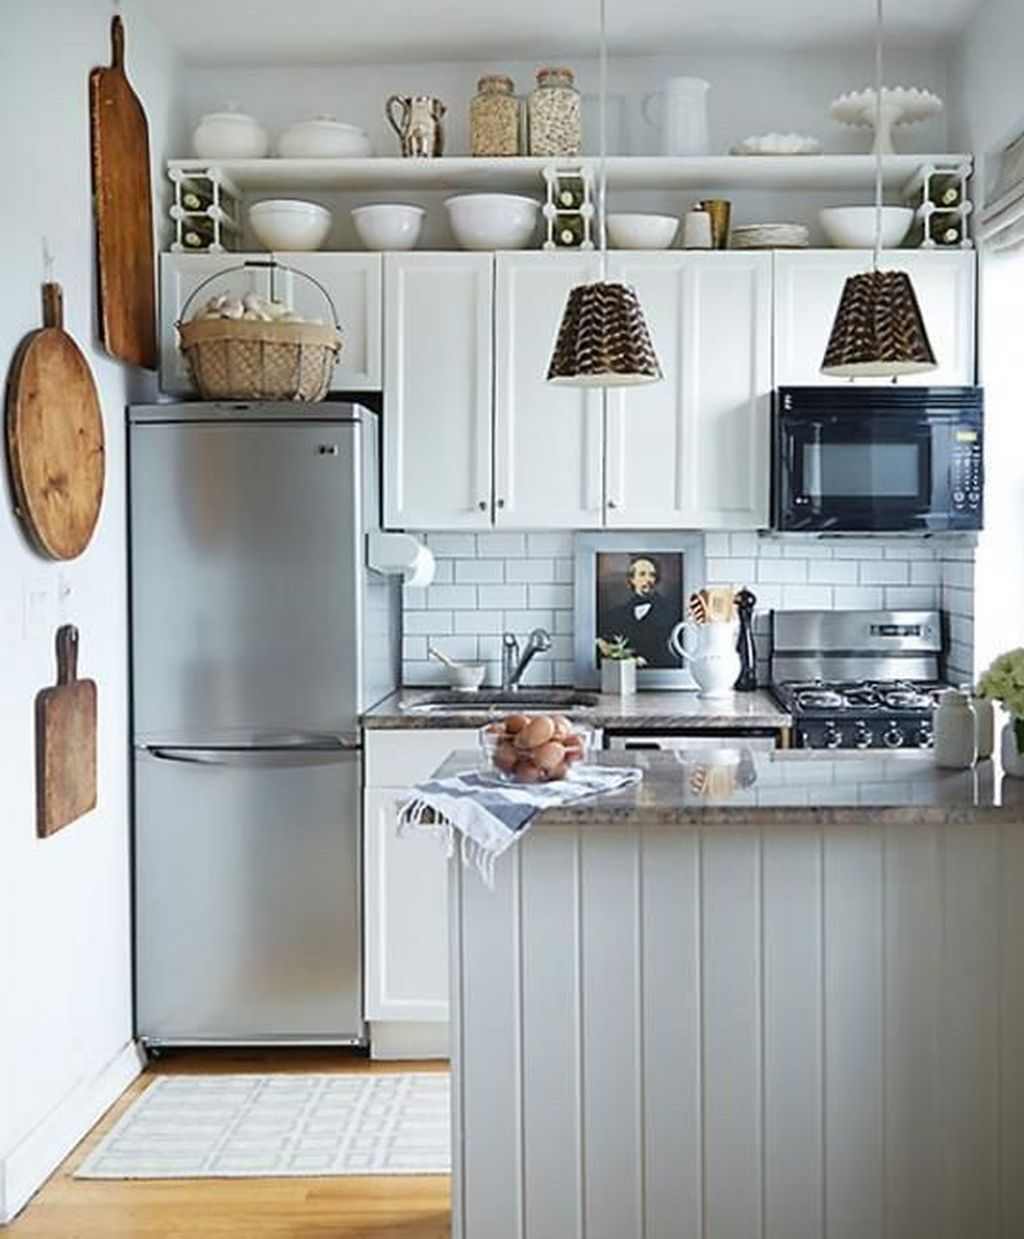 32 The Best Small Kitchen Design Ideas in 2020 Kitchen